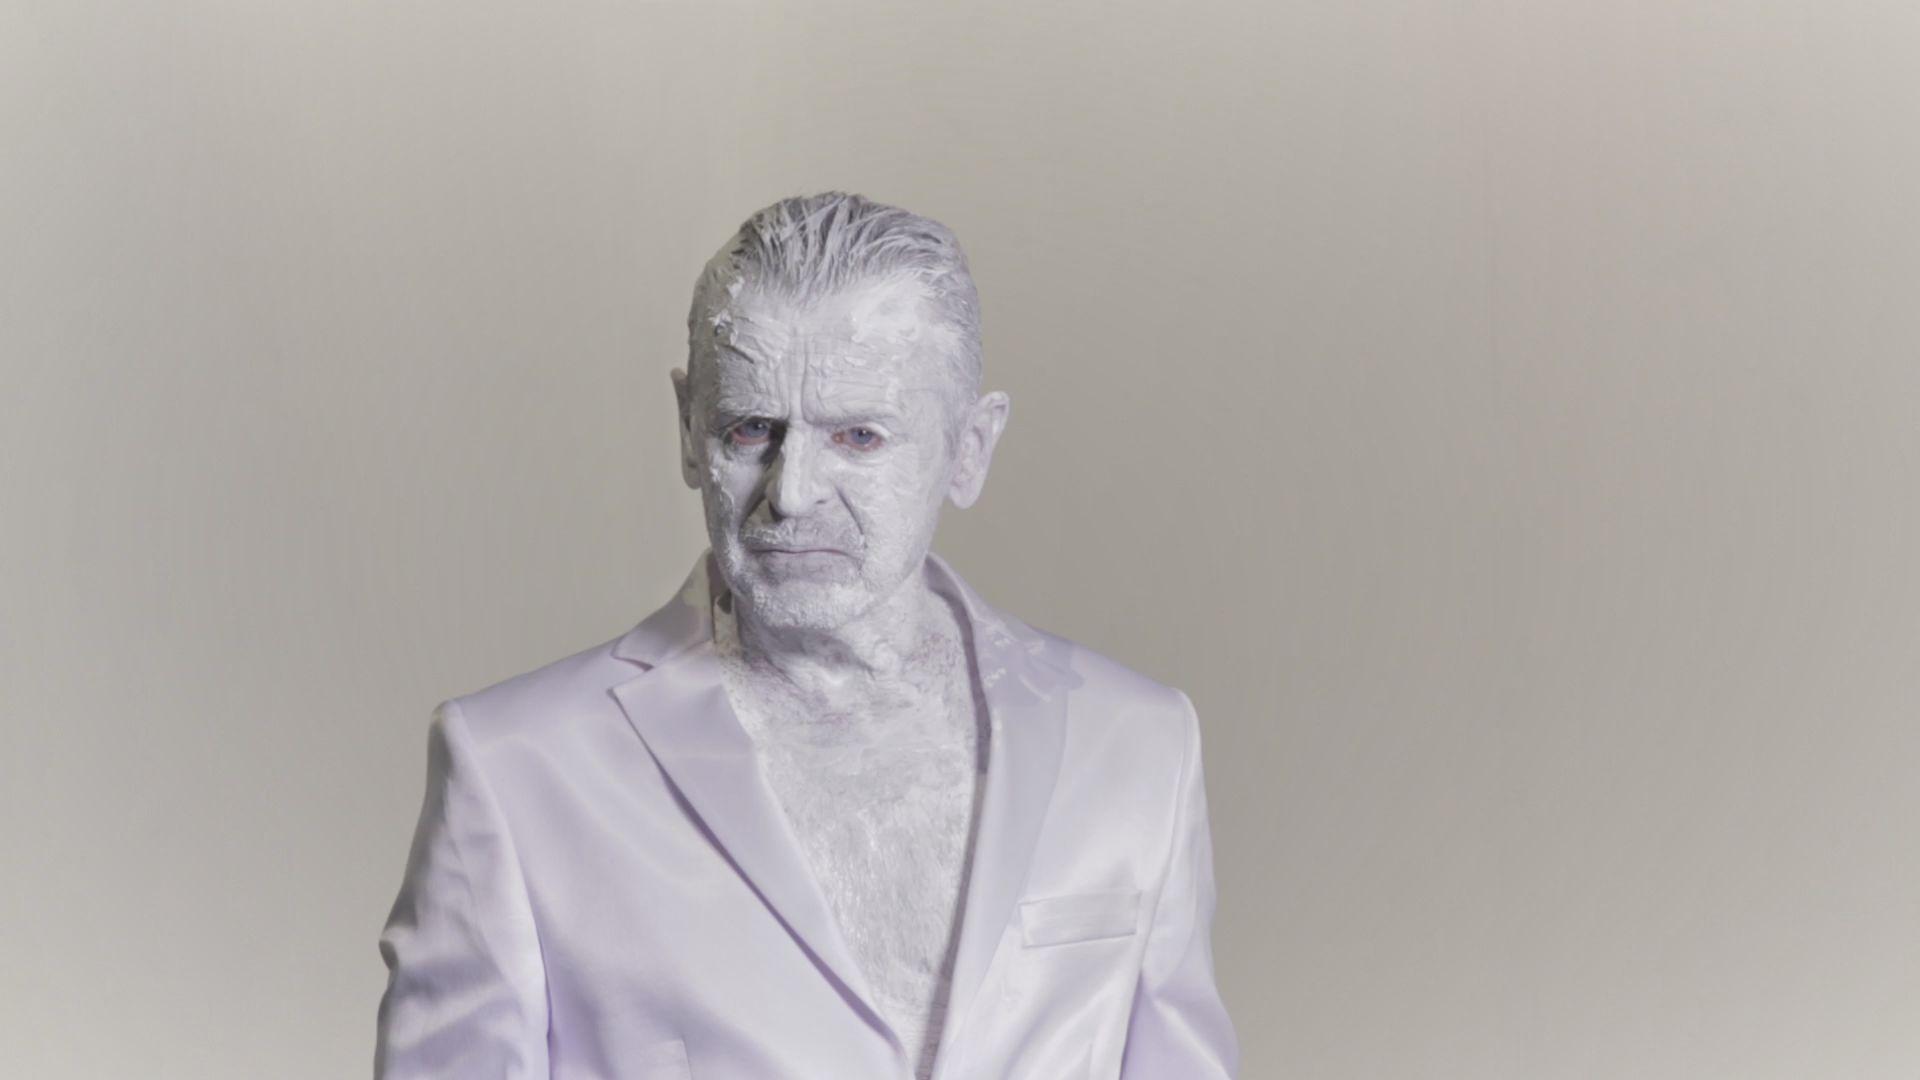 la foto in bianco e nero mostra un uomo con il volto ricoperto di bianco che indossa una giacca bianca e lurex